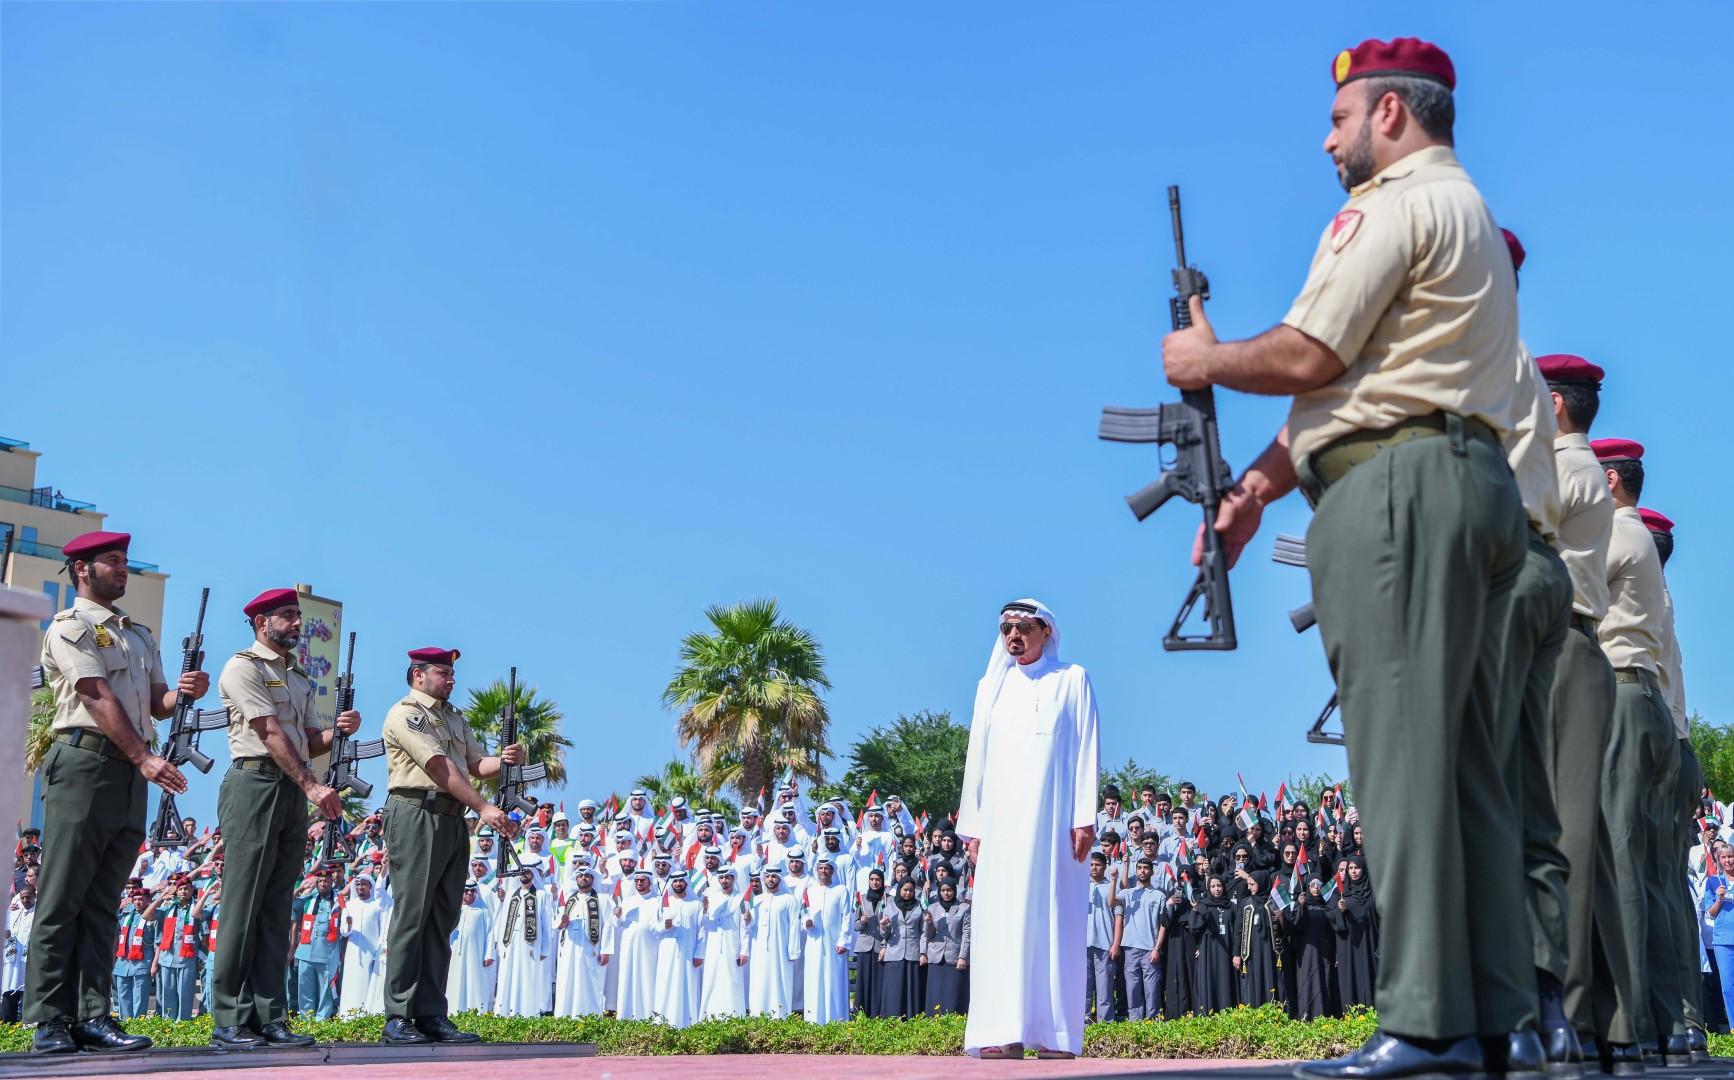 حاكم عجمان : يوم العلم يعبر عن مدى محبة الناس للوطن وقيادته وعلمه